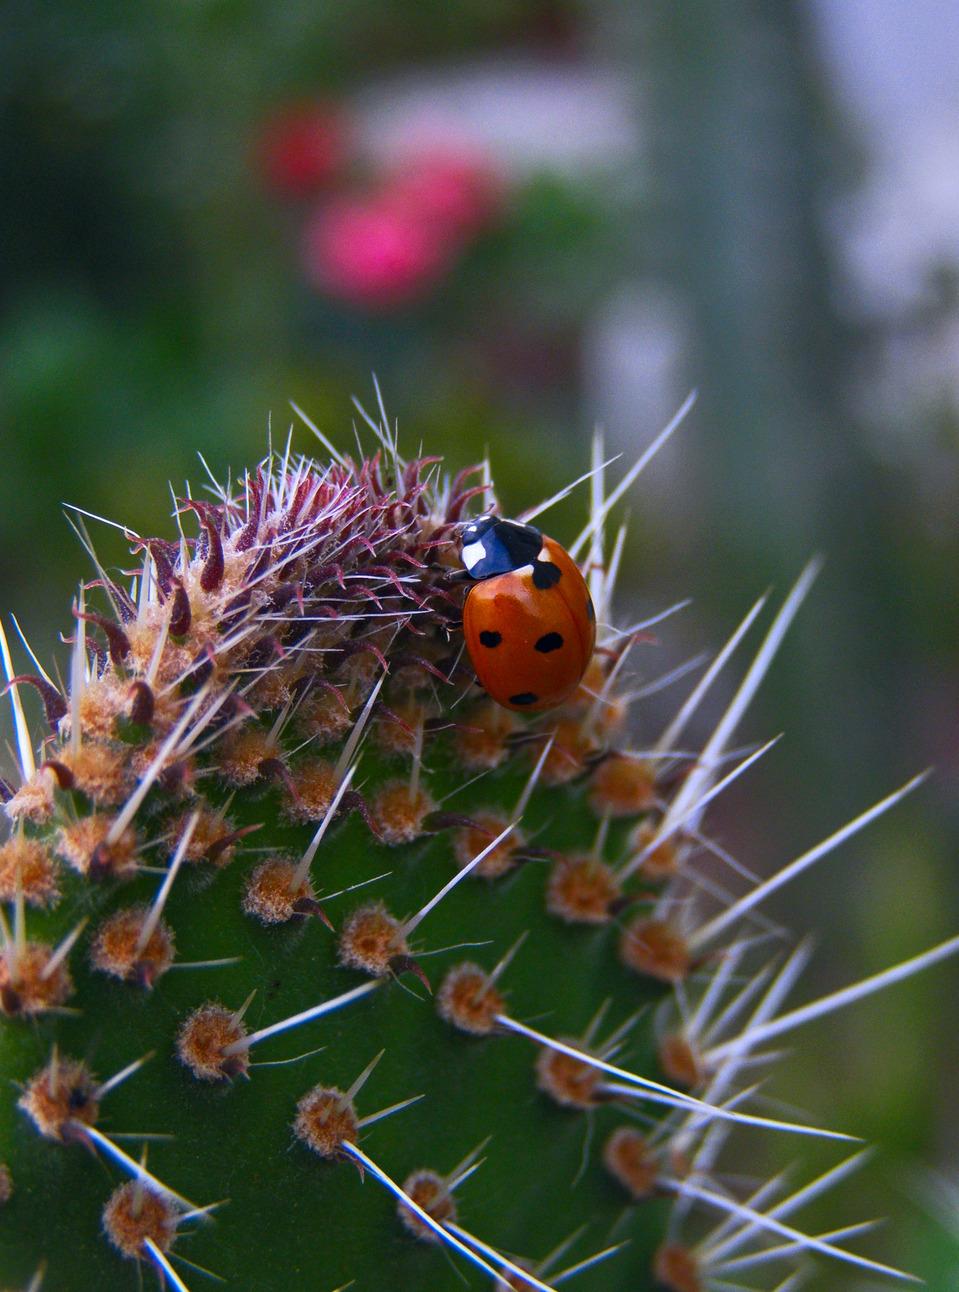 Ladybird eating cactus